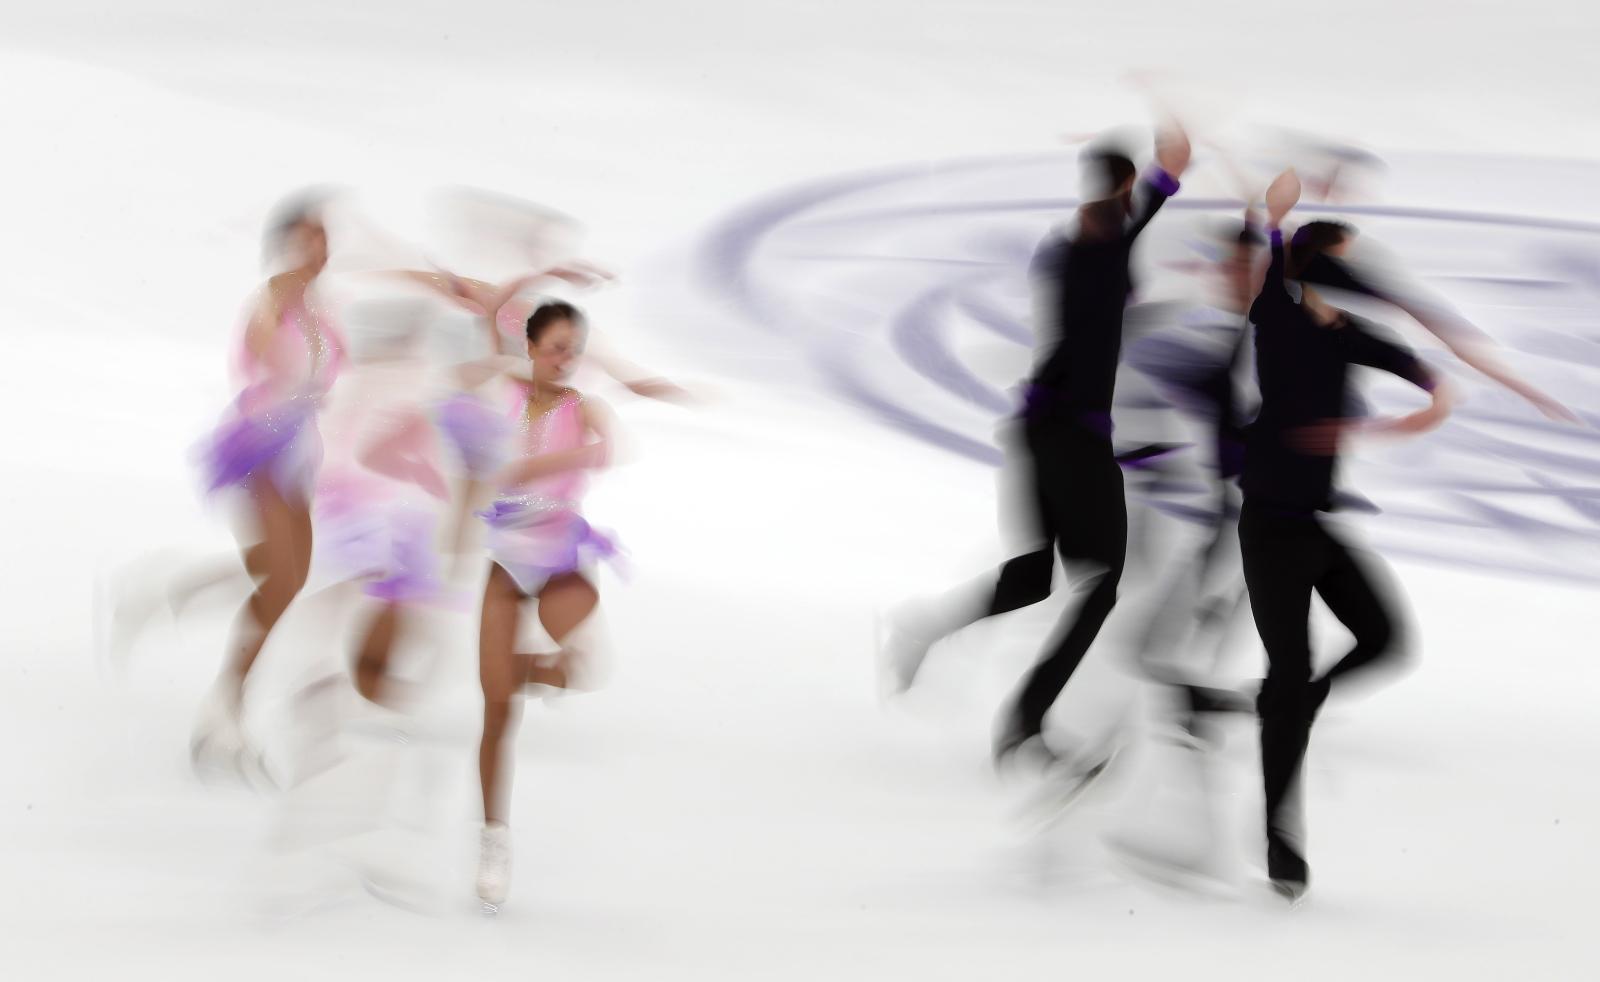 Mistrzostwa Europy w łyżwiarstwie figurowym, Graz, Austria Fot. PAP/EPA/TATYANA ZENKOVICH